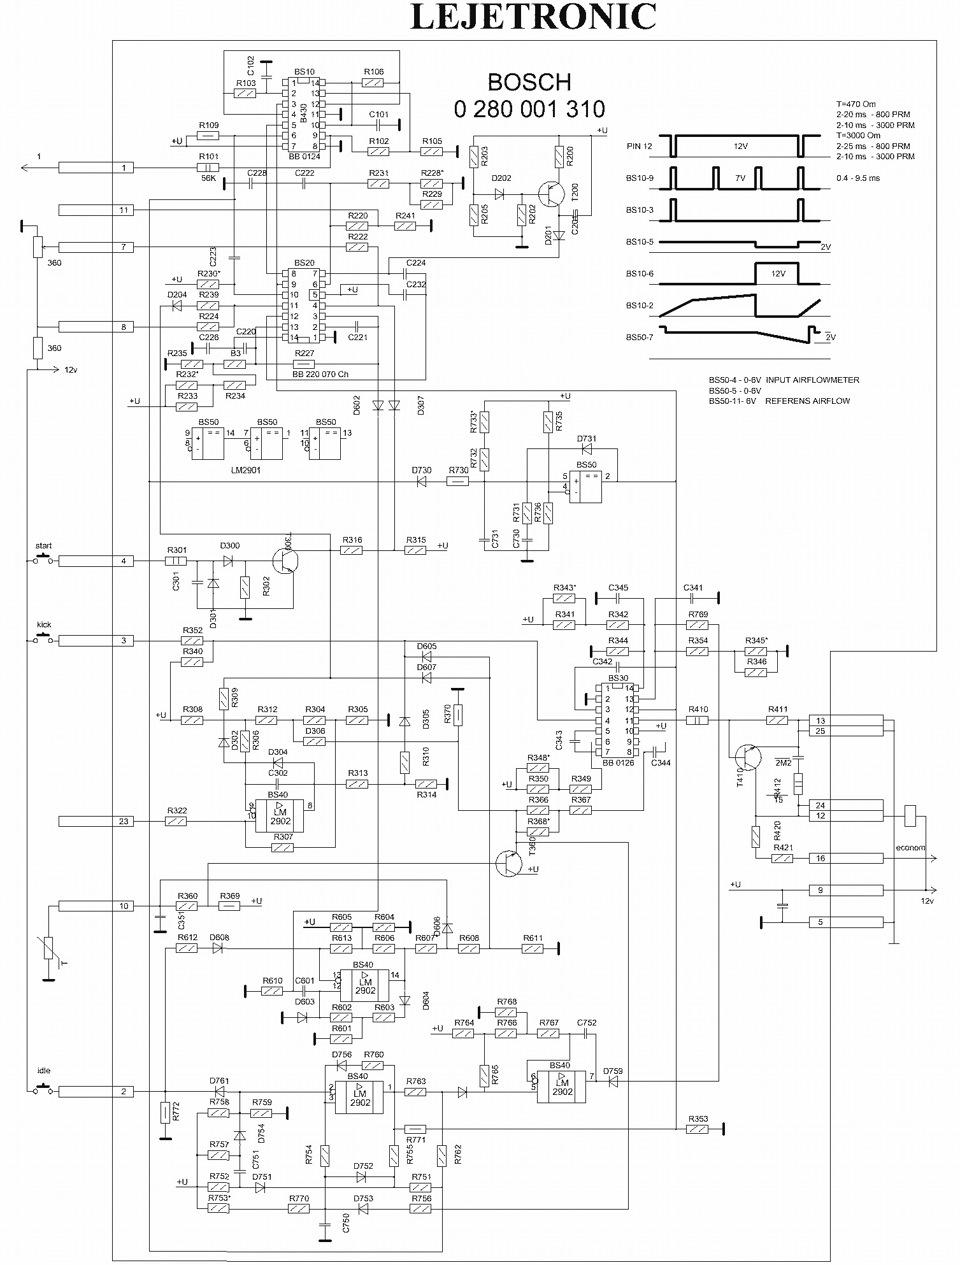 схема подкллючения свечей к трамблеру опель омега а